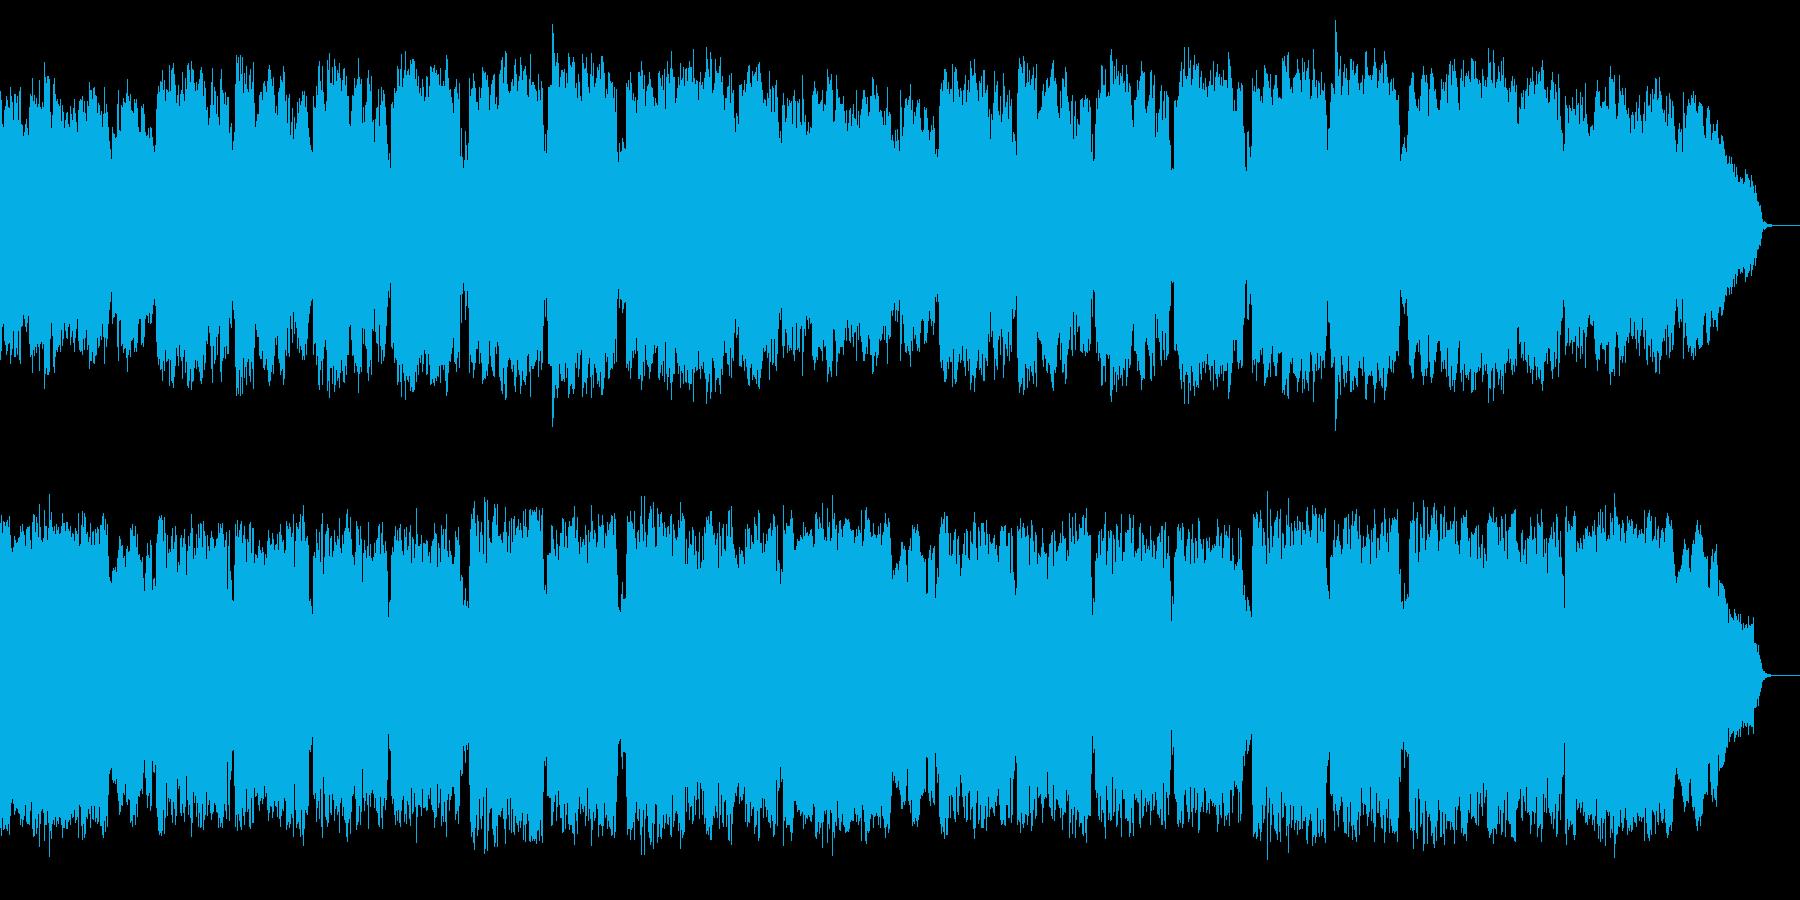 クラリネットが演奏する優しい唱歌の様な曲の再生済みの波形